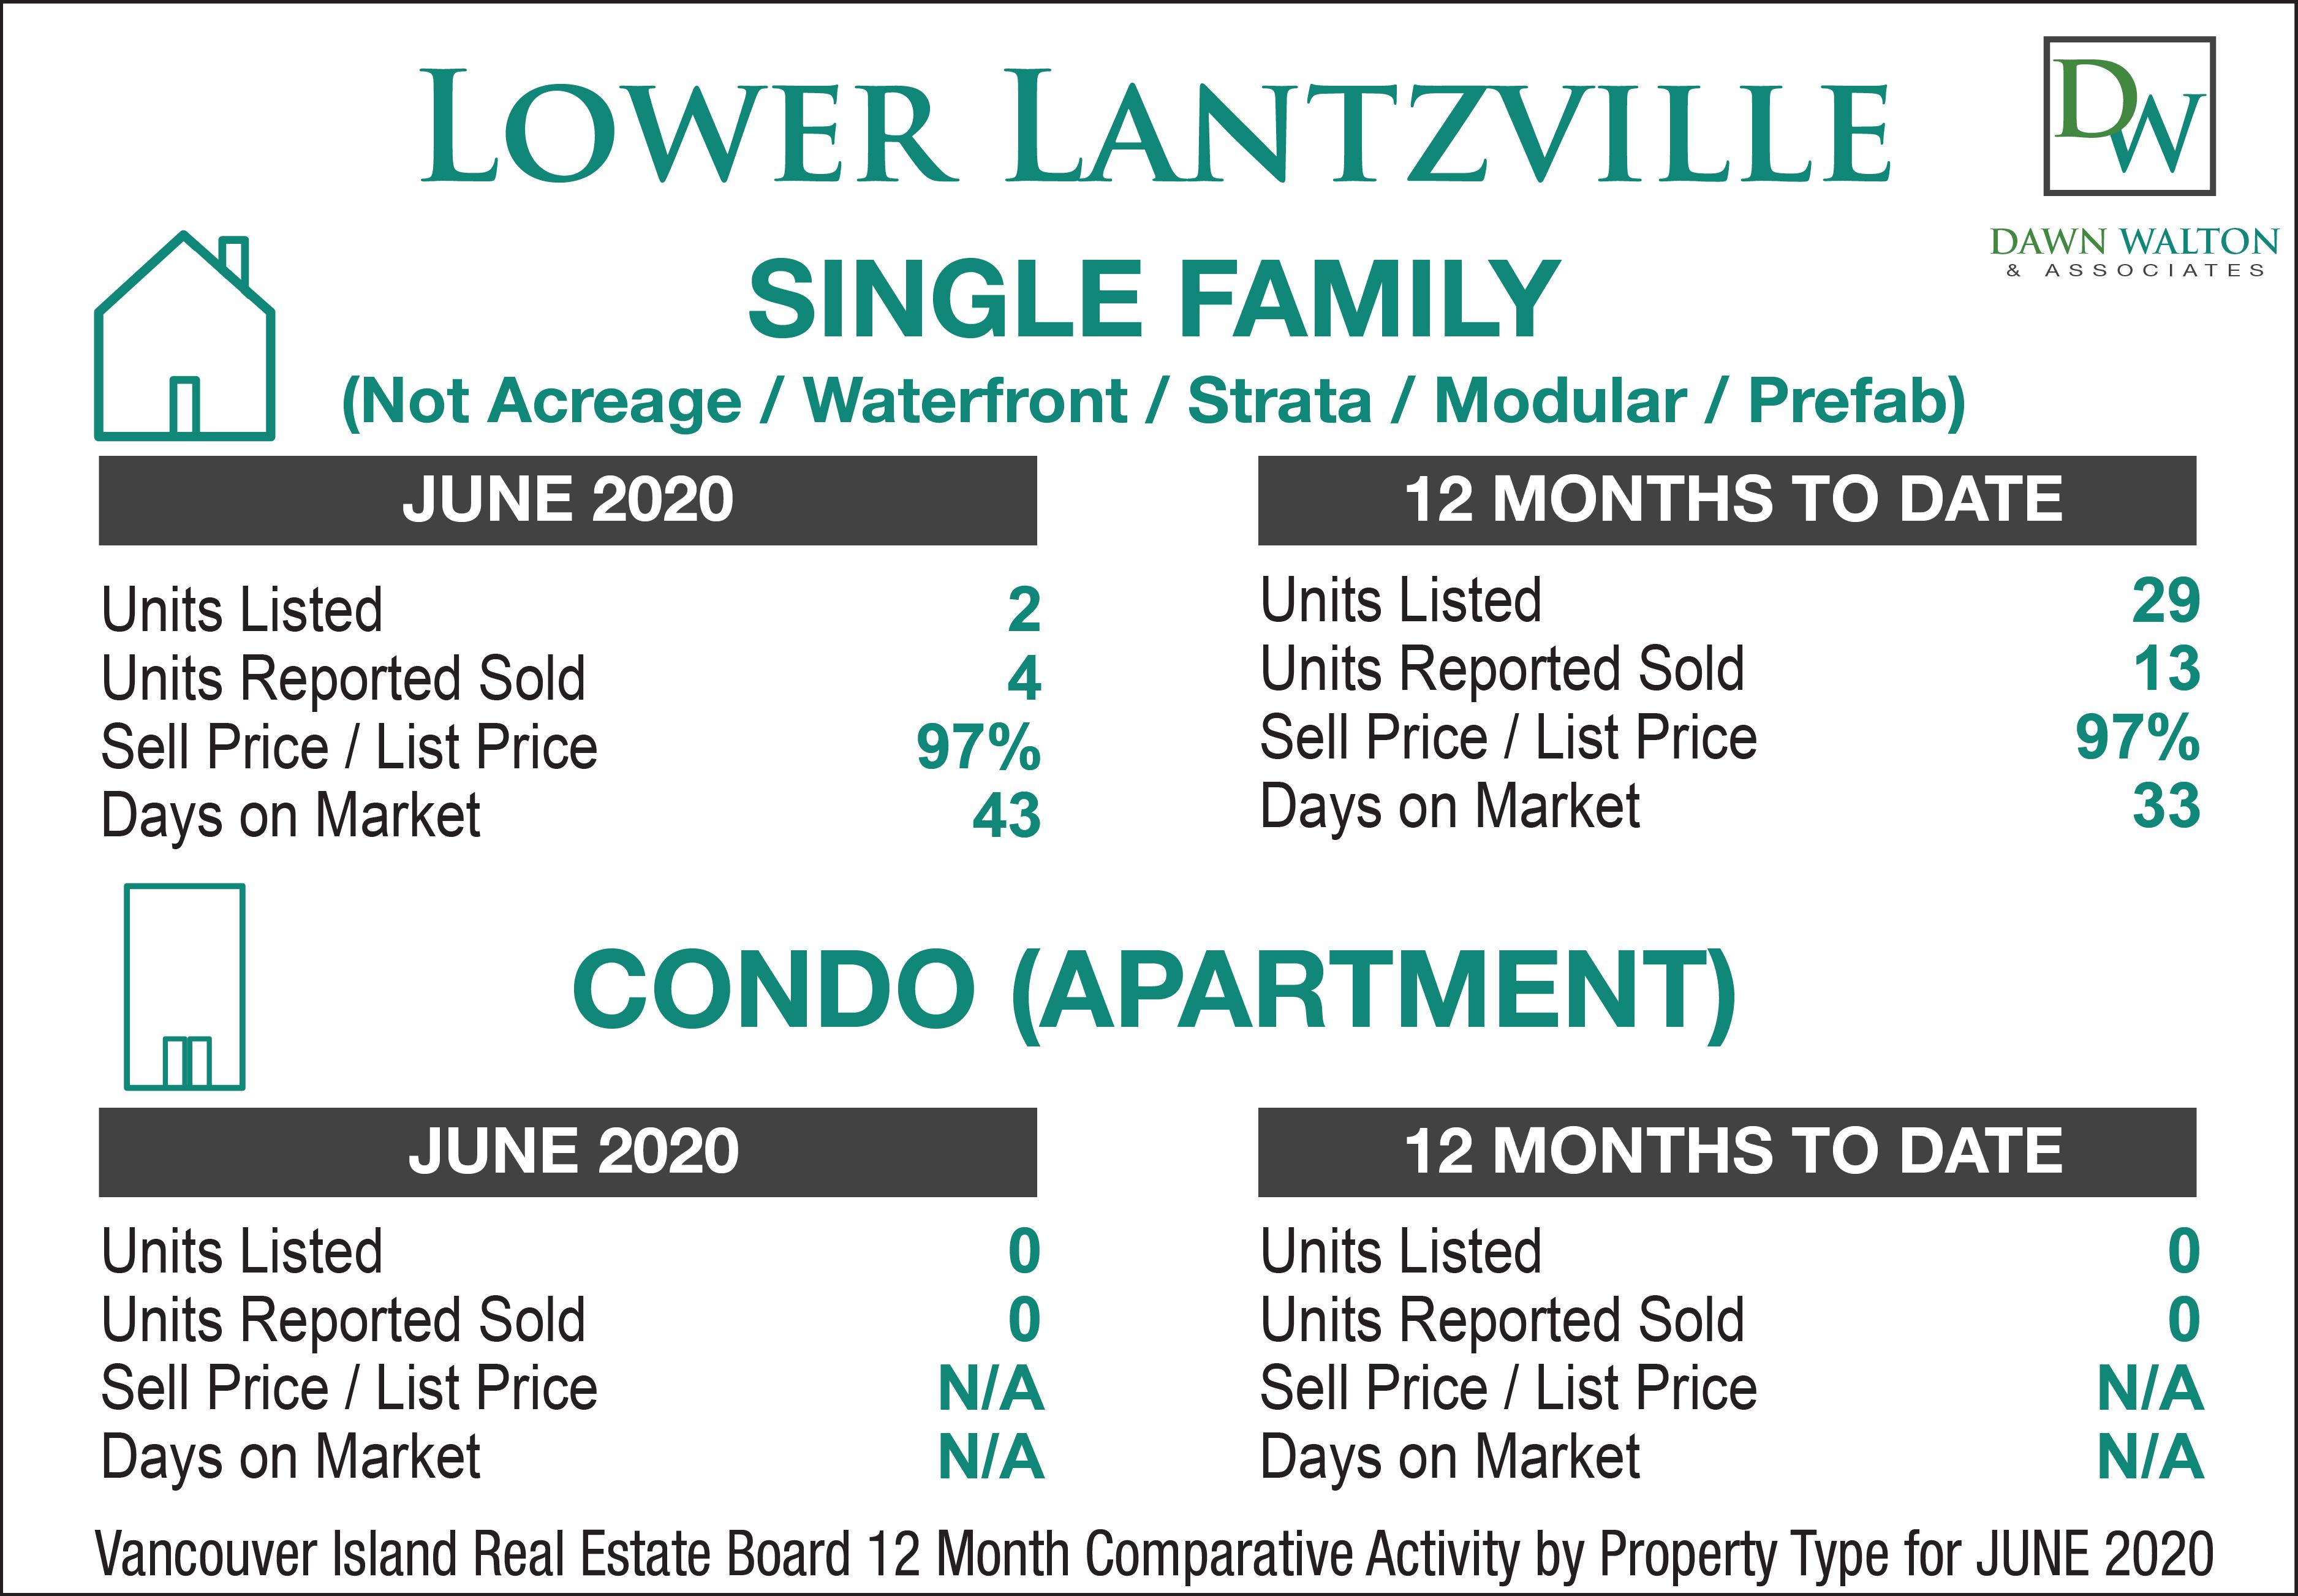 Lower Lantzville Real Estate Market Stats April 2020 - Nanaimo Realtor Dawn Walton